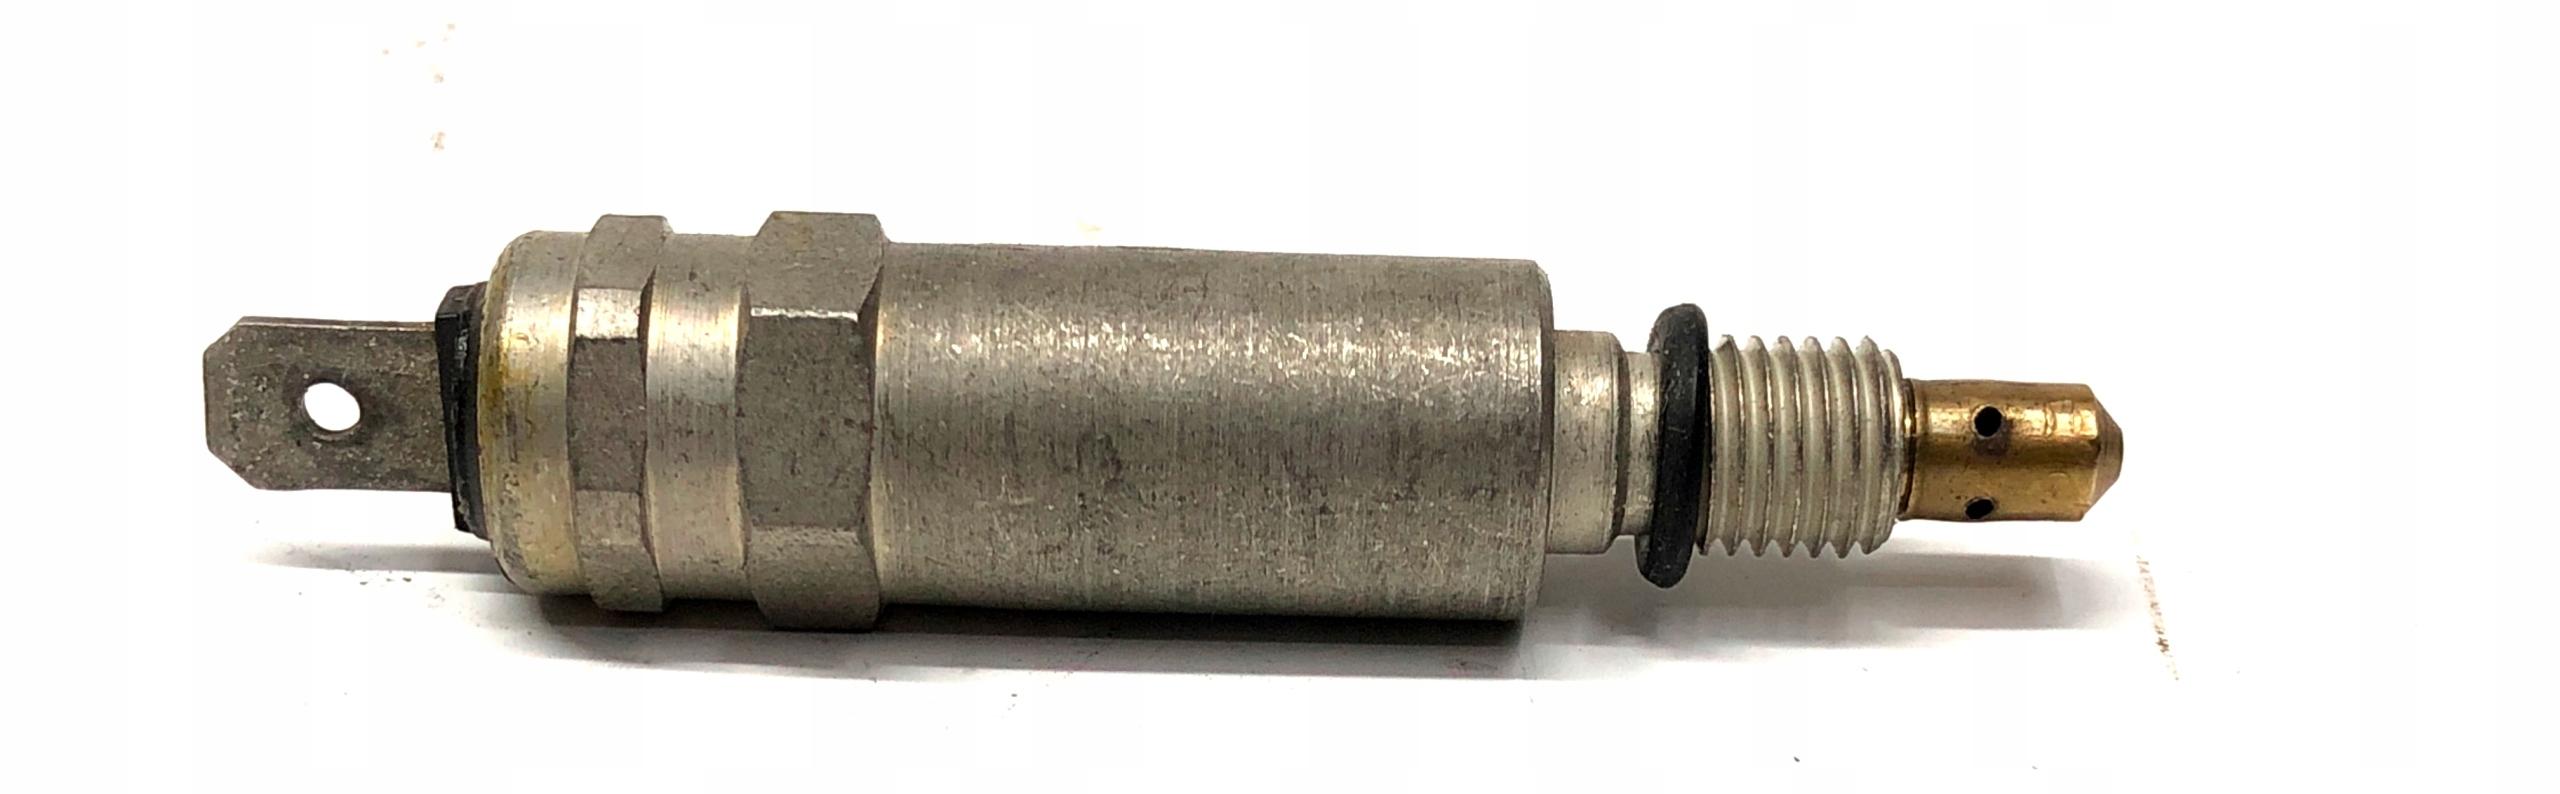 электроклапан насадка карбюратор fiat 125 p полонез новый